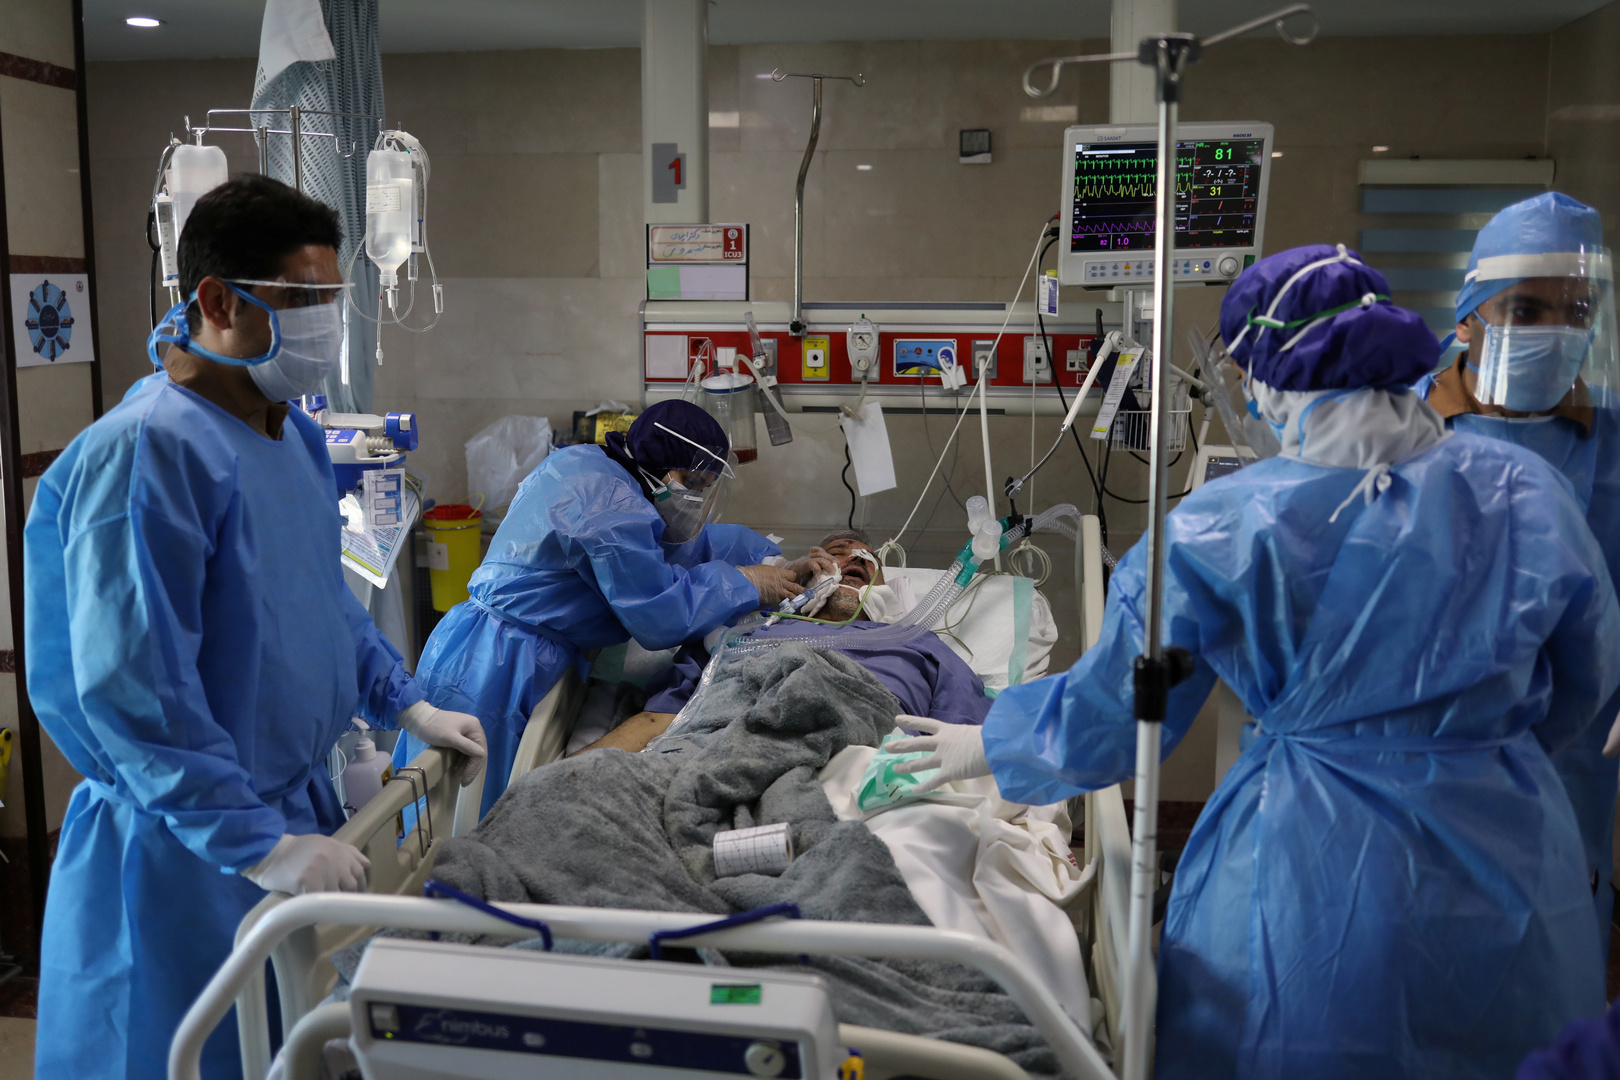 إيران.. 452 وفاة وأكثر من 11 ألف إصابة بفيروس كورونا خلال اليوم الماضي